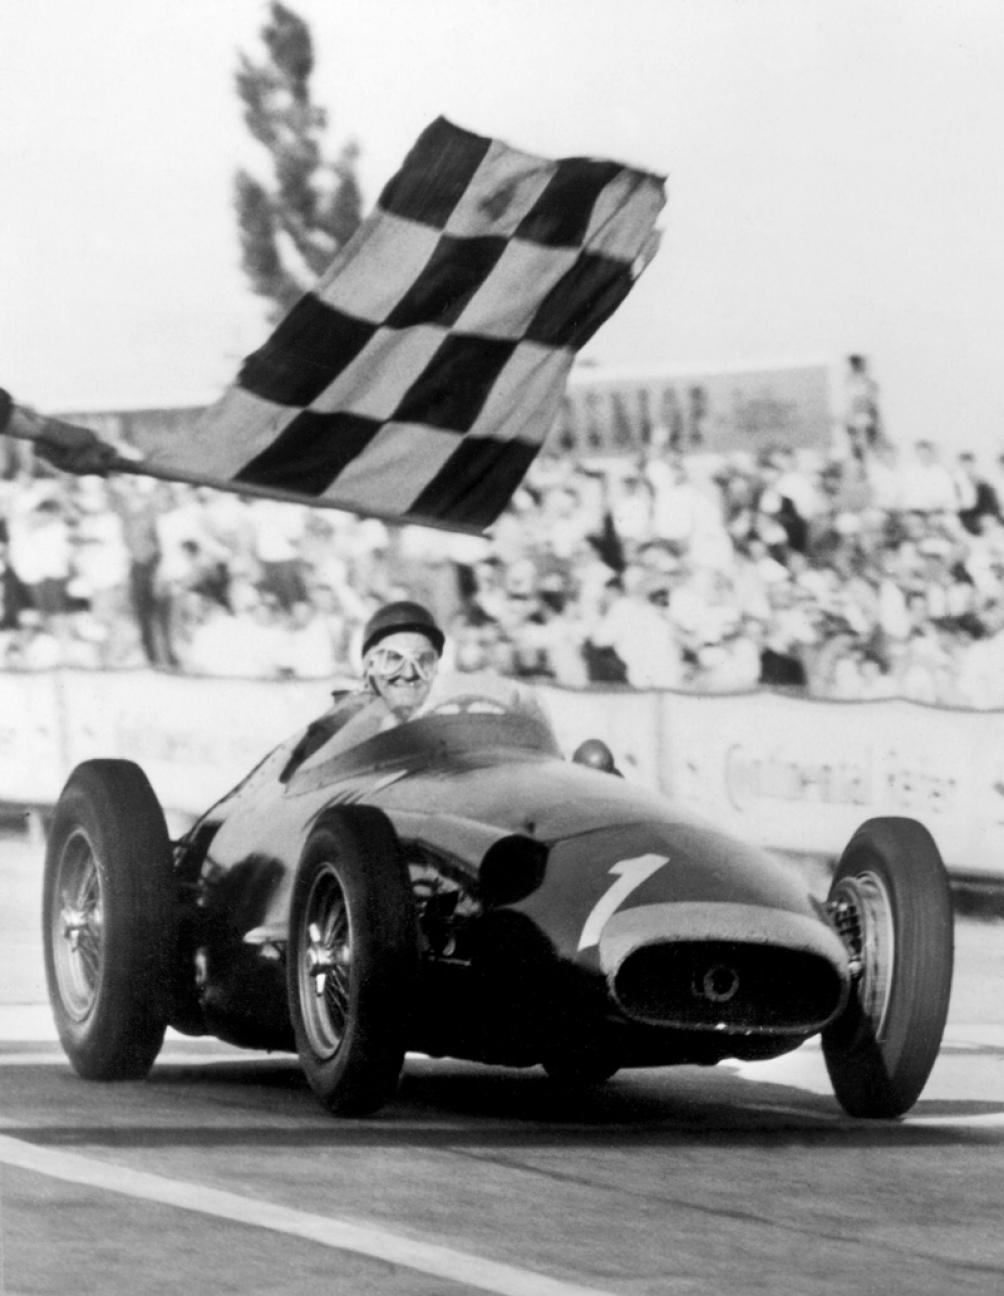 Como un aura imborrable, la bandera de cuadros de Nürburgring, bendice para siempre a la histórica Maserati 250 F el 4 de agosto de 1957